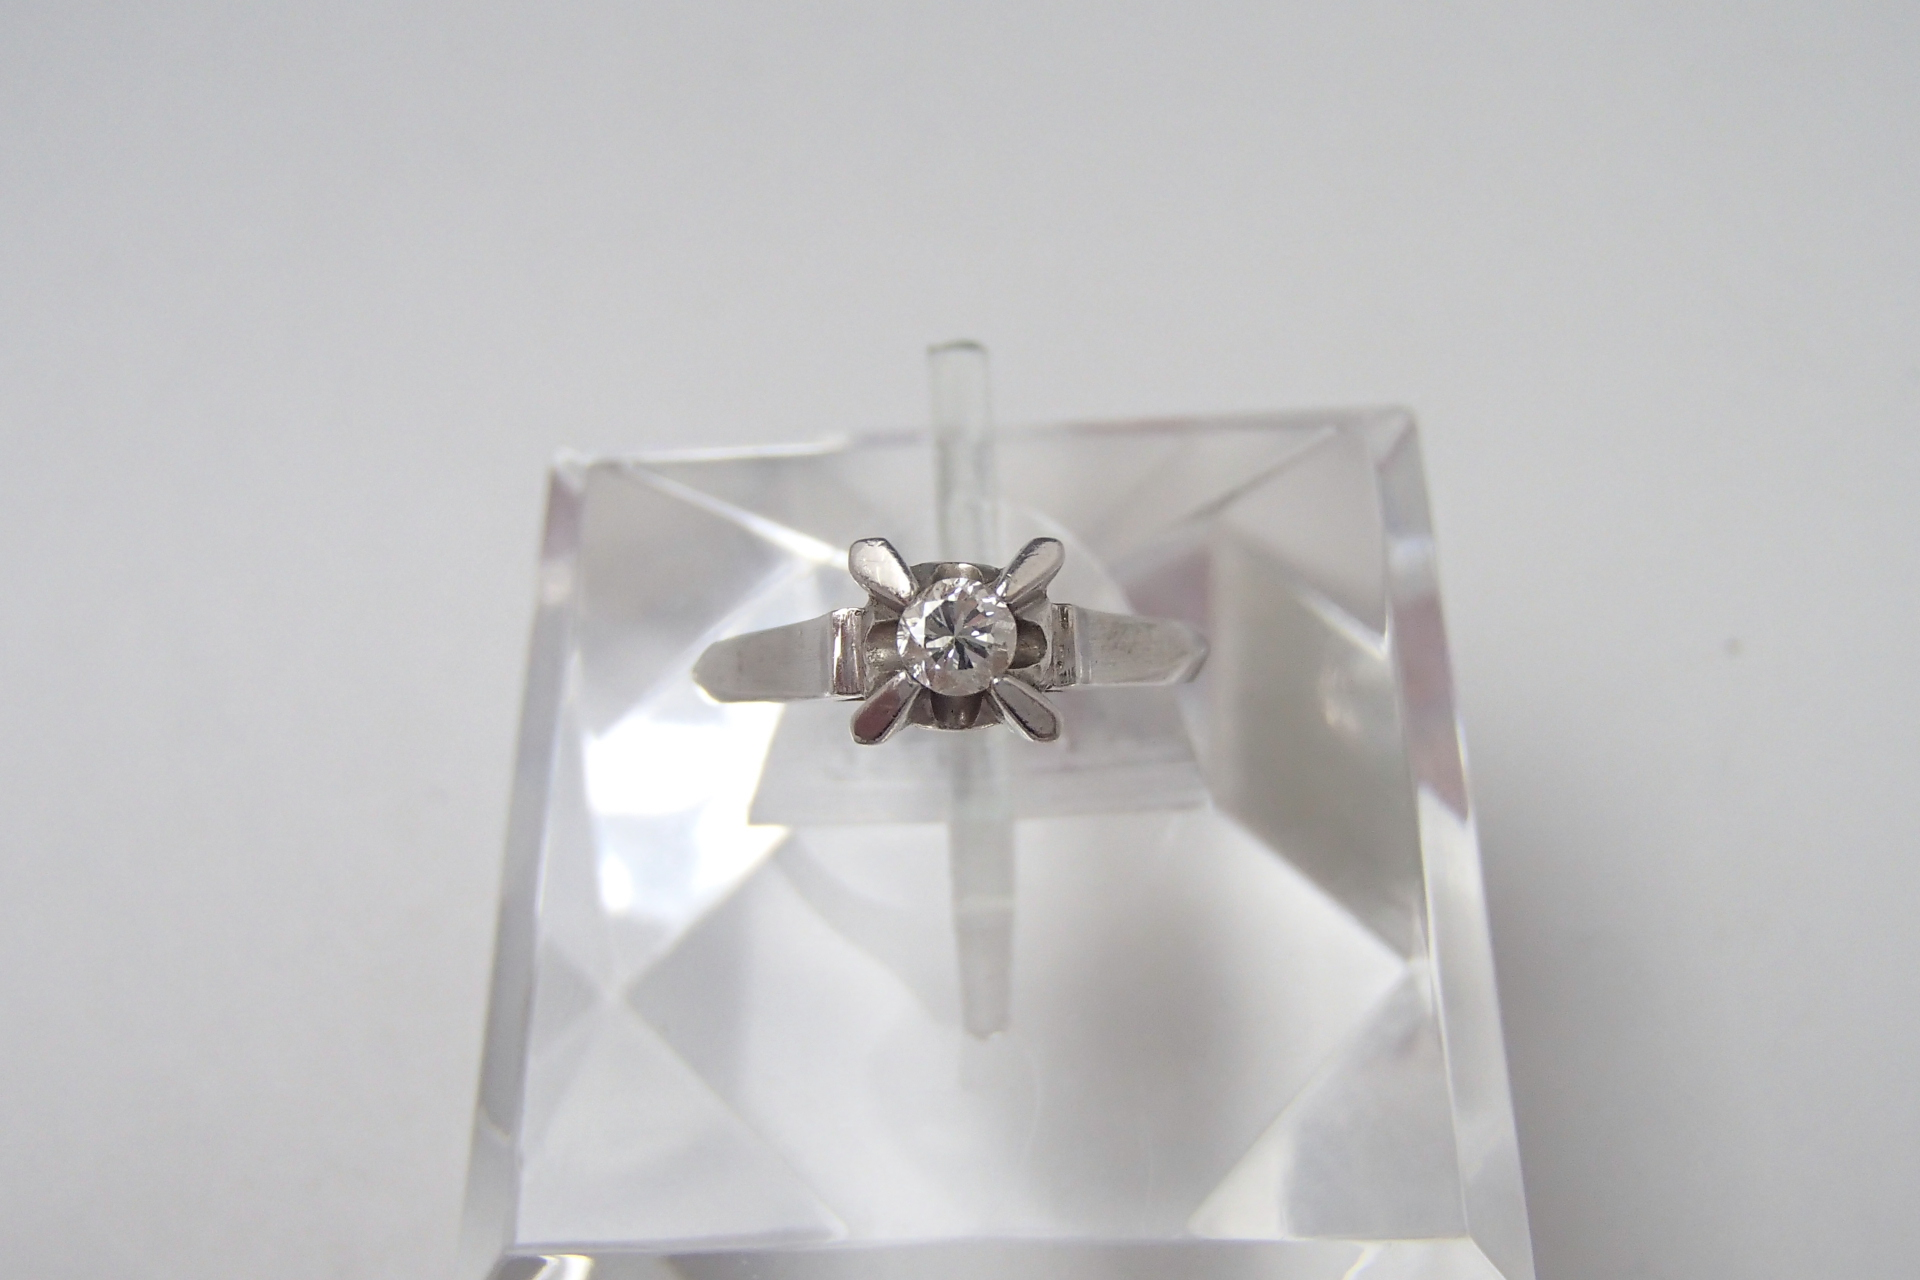 ダイヤモンドの買取を東京でするなら